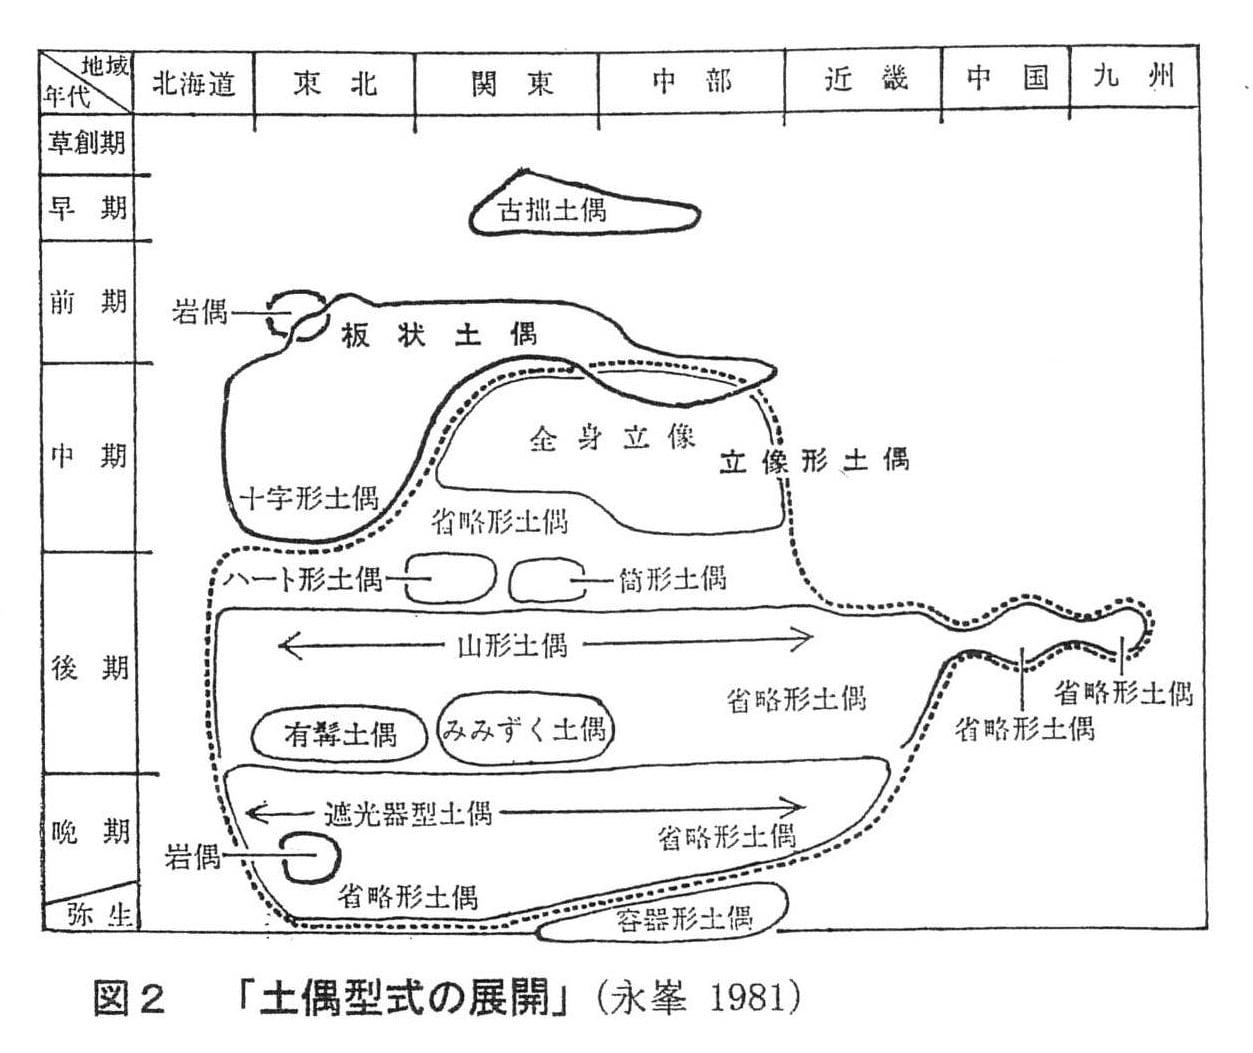 ファイル 147-1.jpg